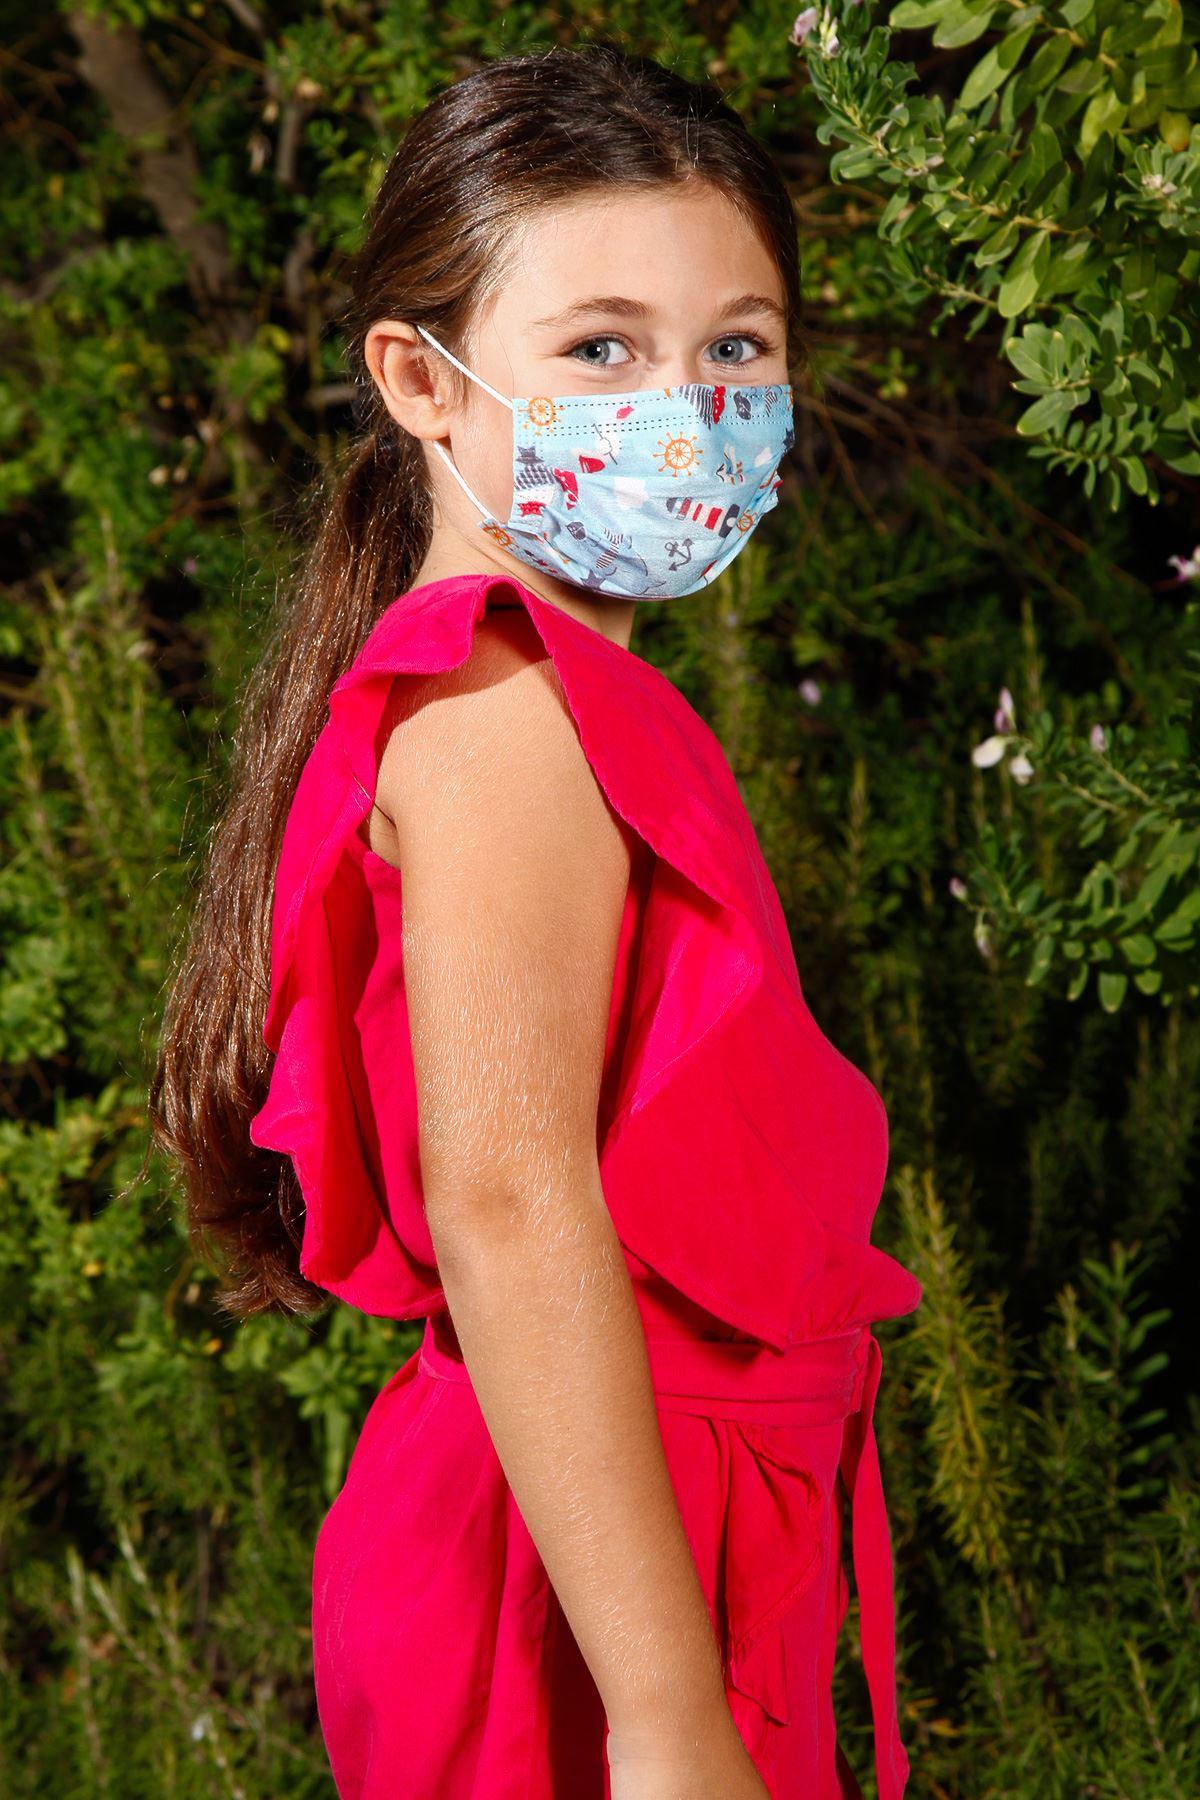 Masque médical élastique jetable pour enfant avec motif marin bleu, paquet de 10